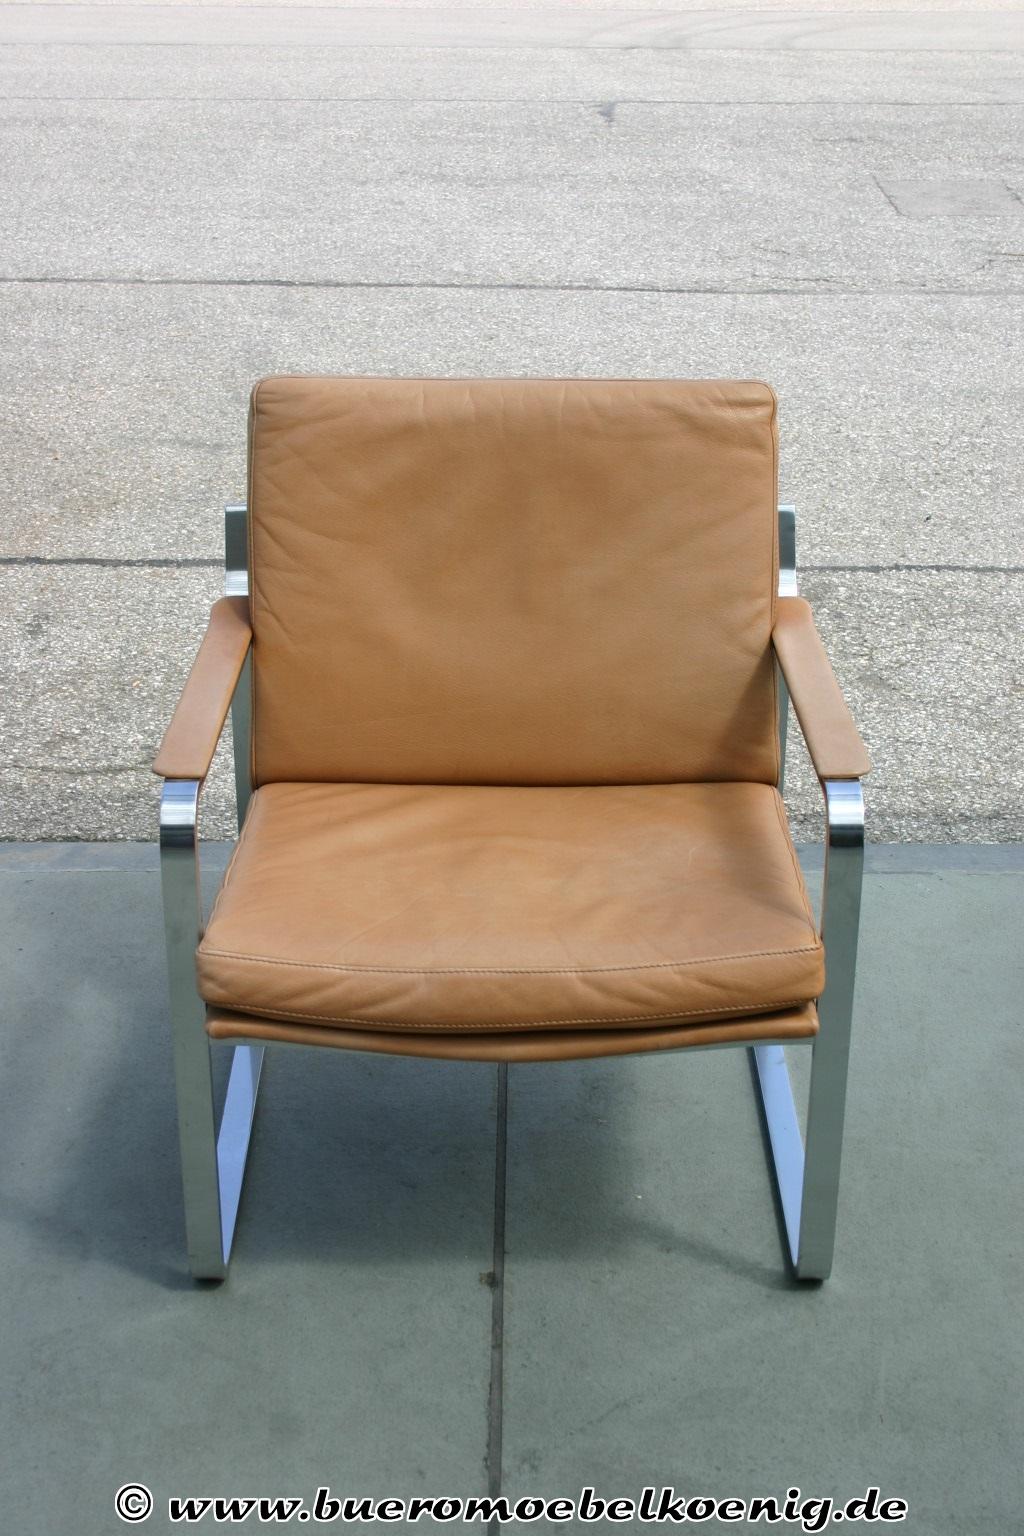 sessel in braunem leder vintage. Black Bedroom Furniture Sets. Home Design Ideas